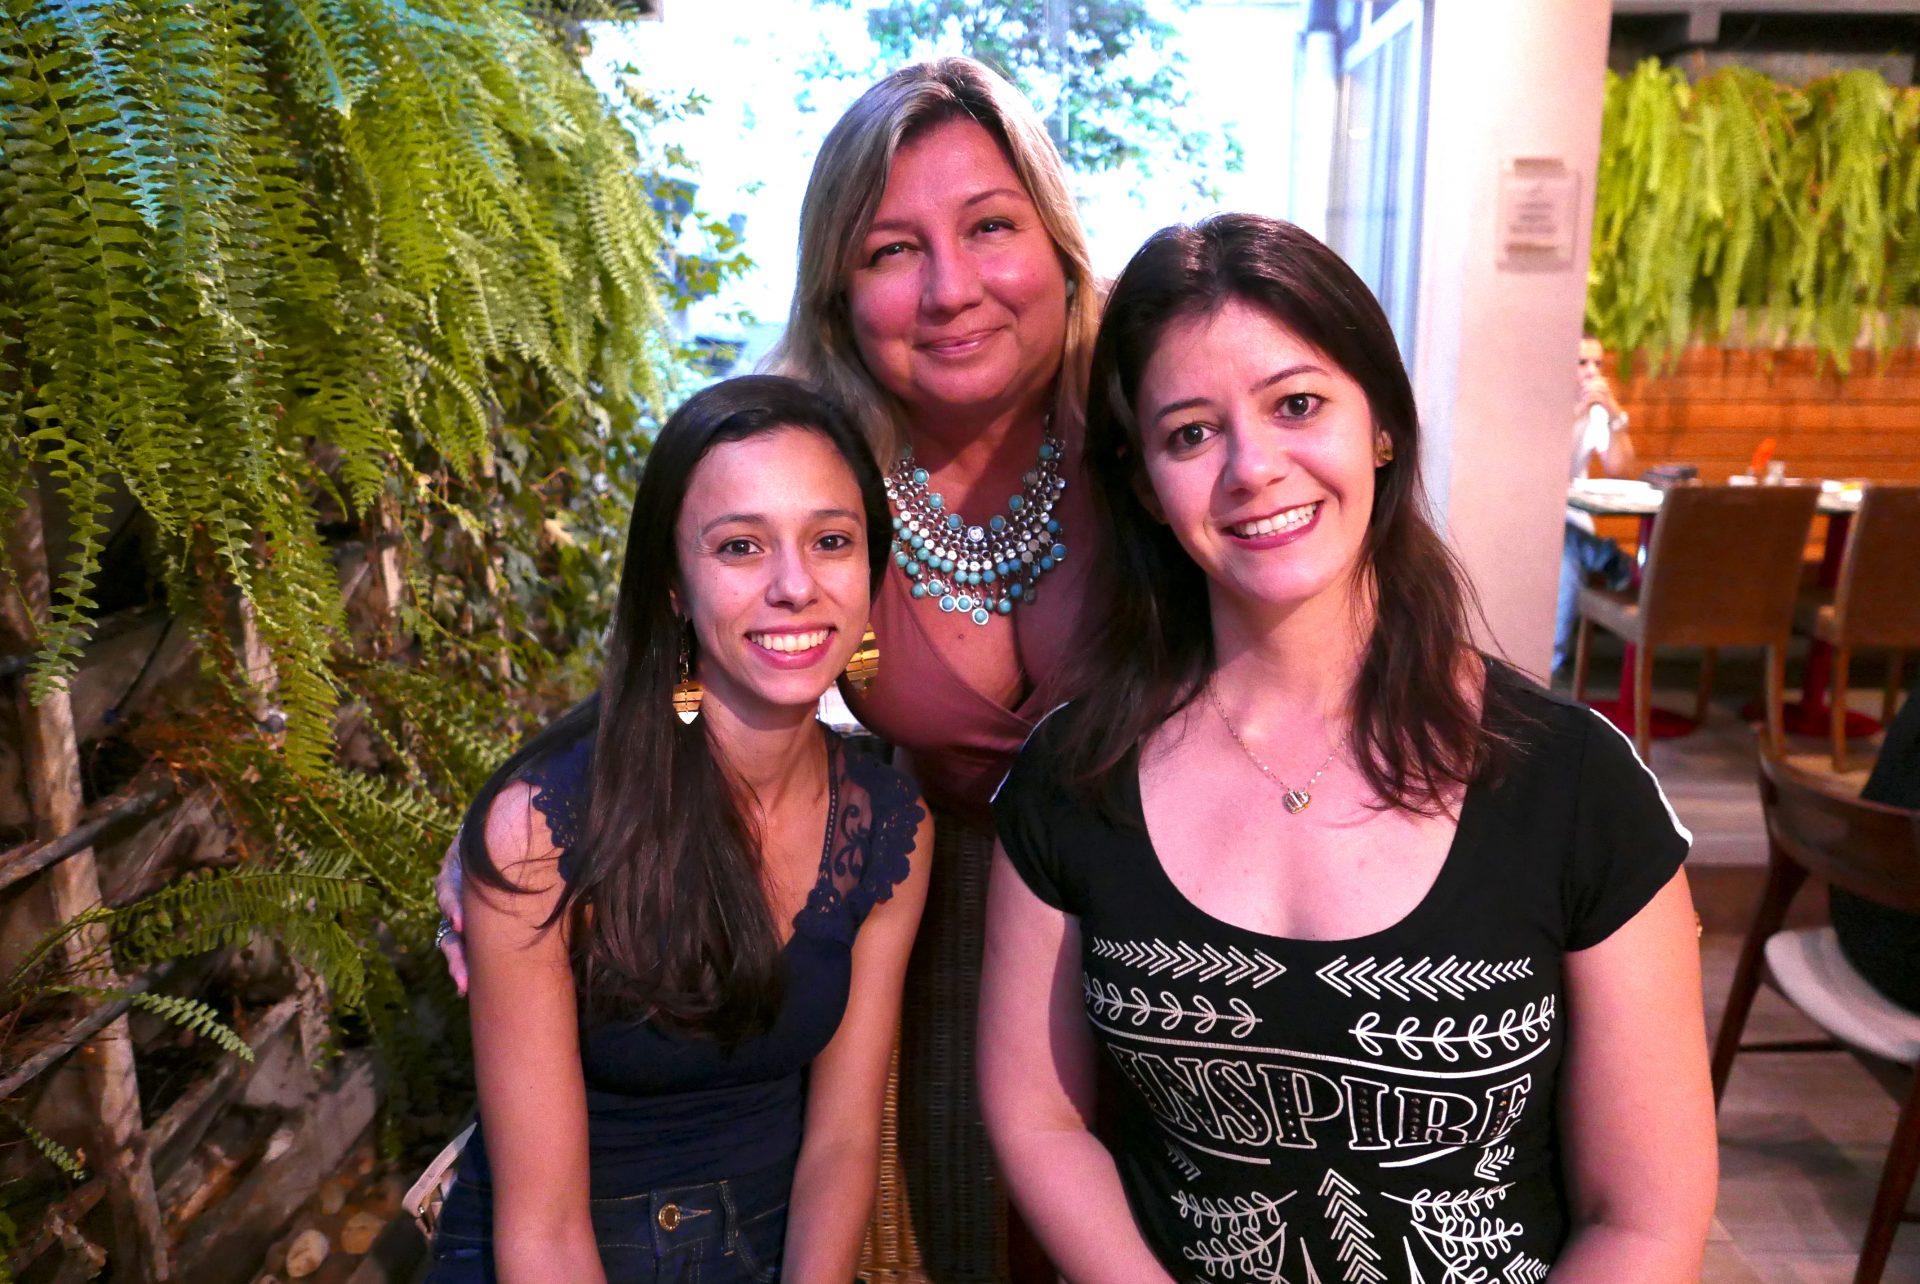 Tarcia Malloy e Geizienne Ribeiro, da My Travel; e Ana Paula Chagas, da FlyVip Viagens